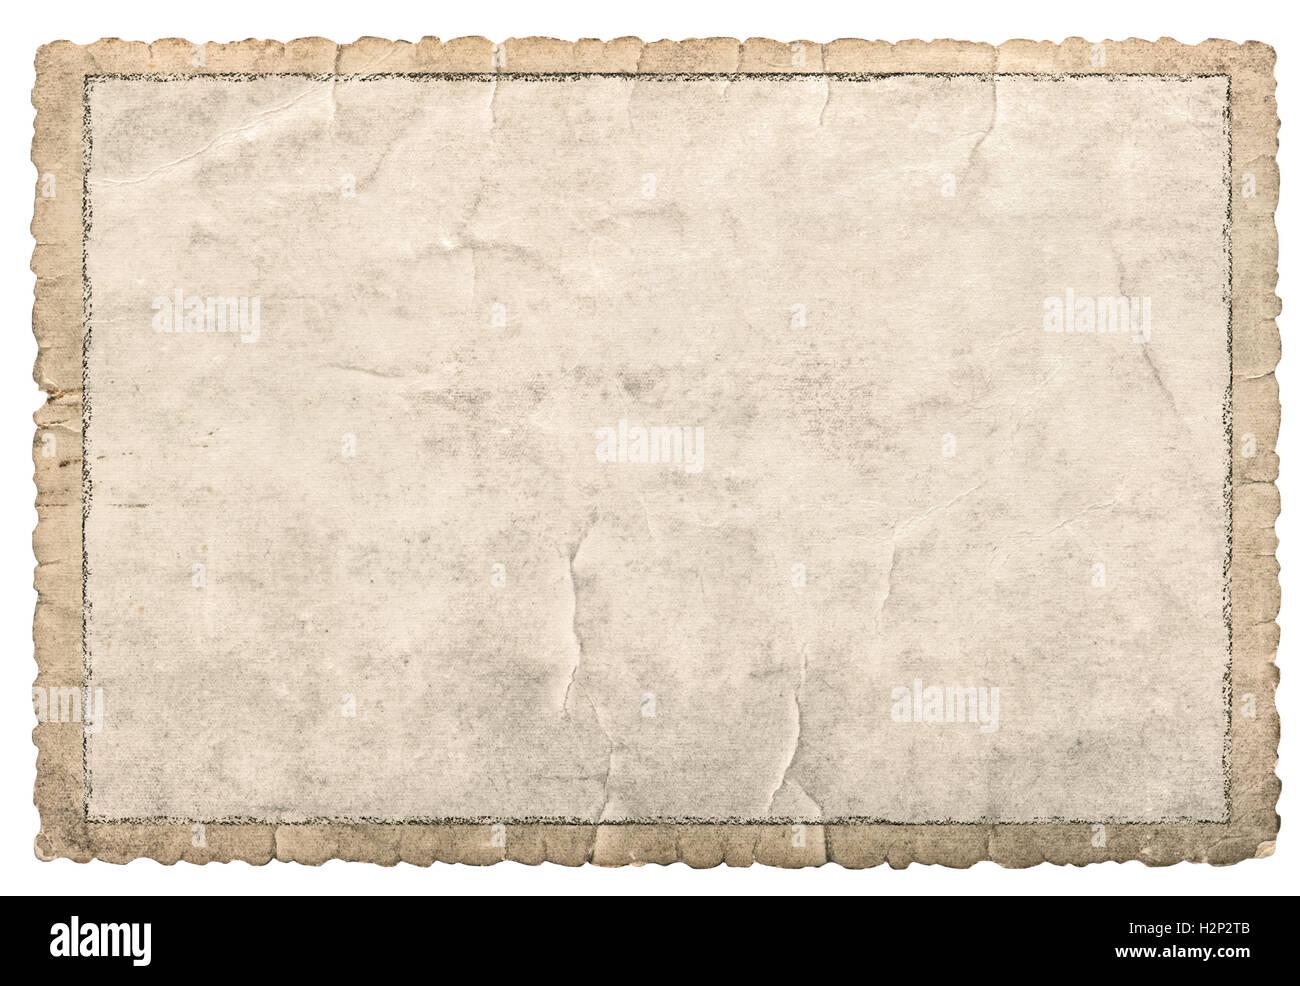 Alte Papier Rahmen für Fotos und Bilder. Verwendet Karton Textur mit ...